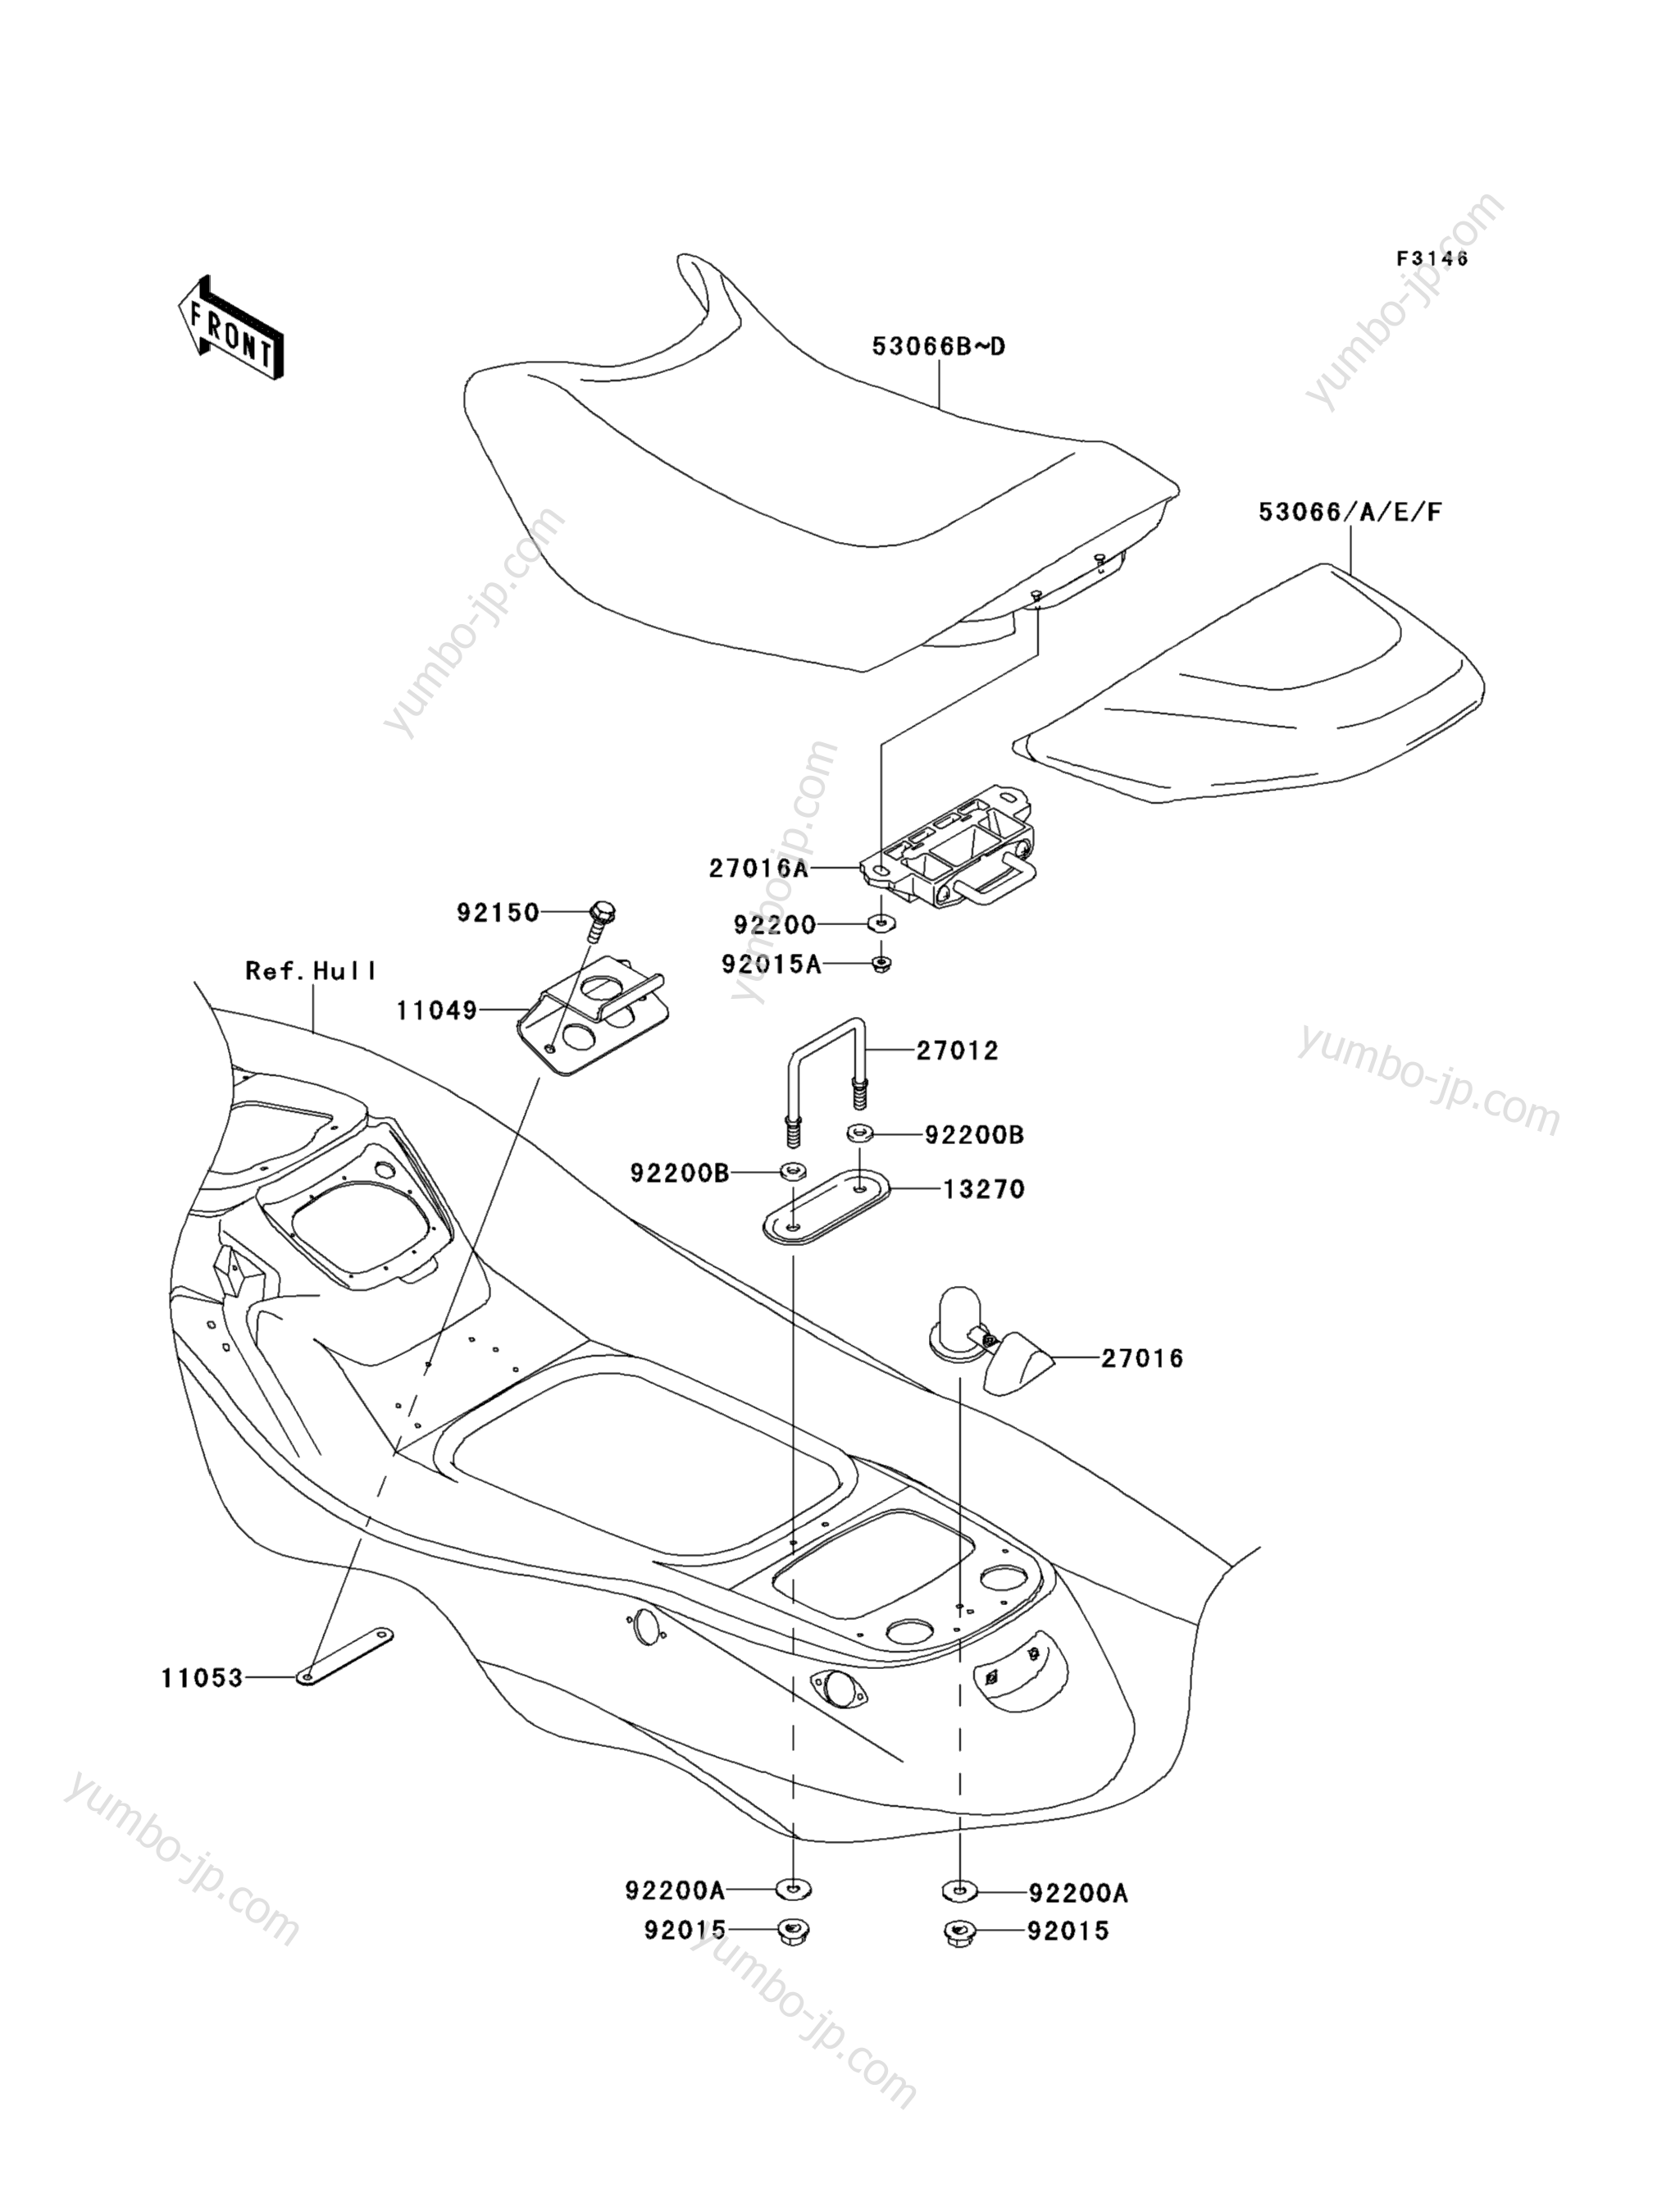 SEAT для гидроциклов KAWASAKI JET SKI STX-15F (JT1500ADF) 2013 г.